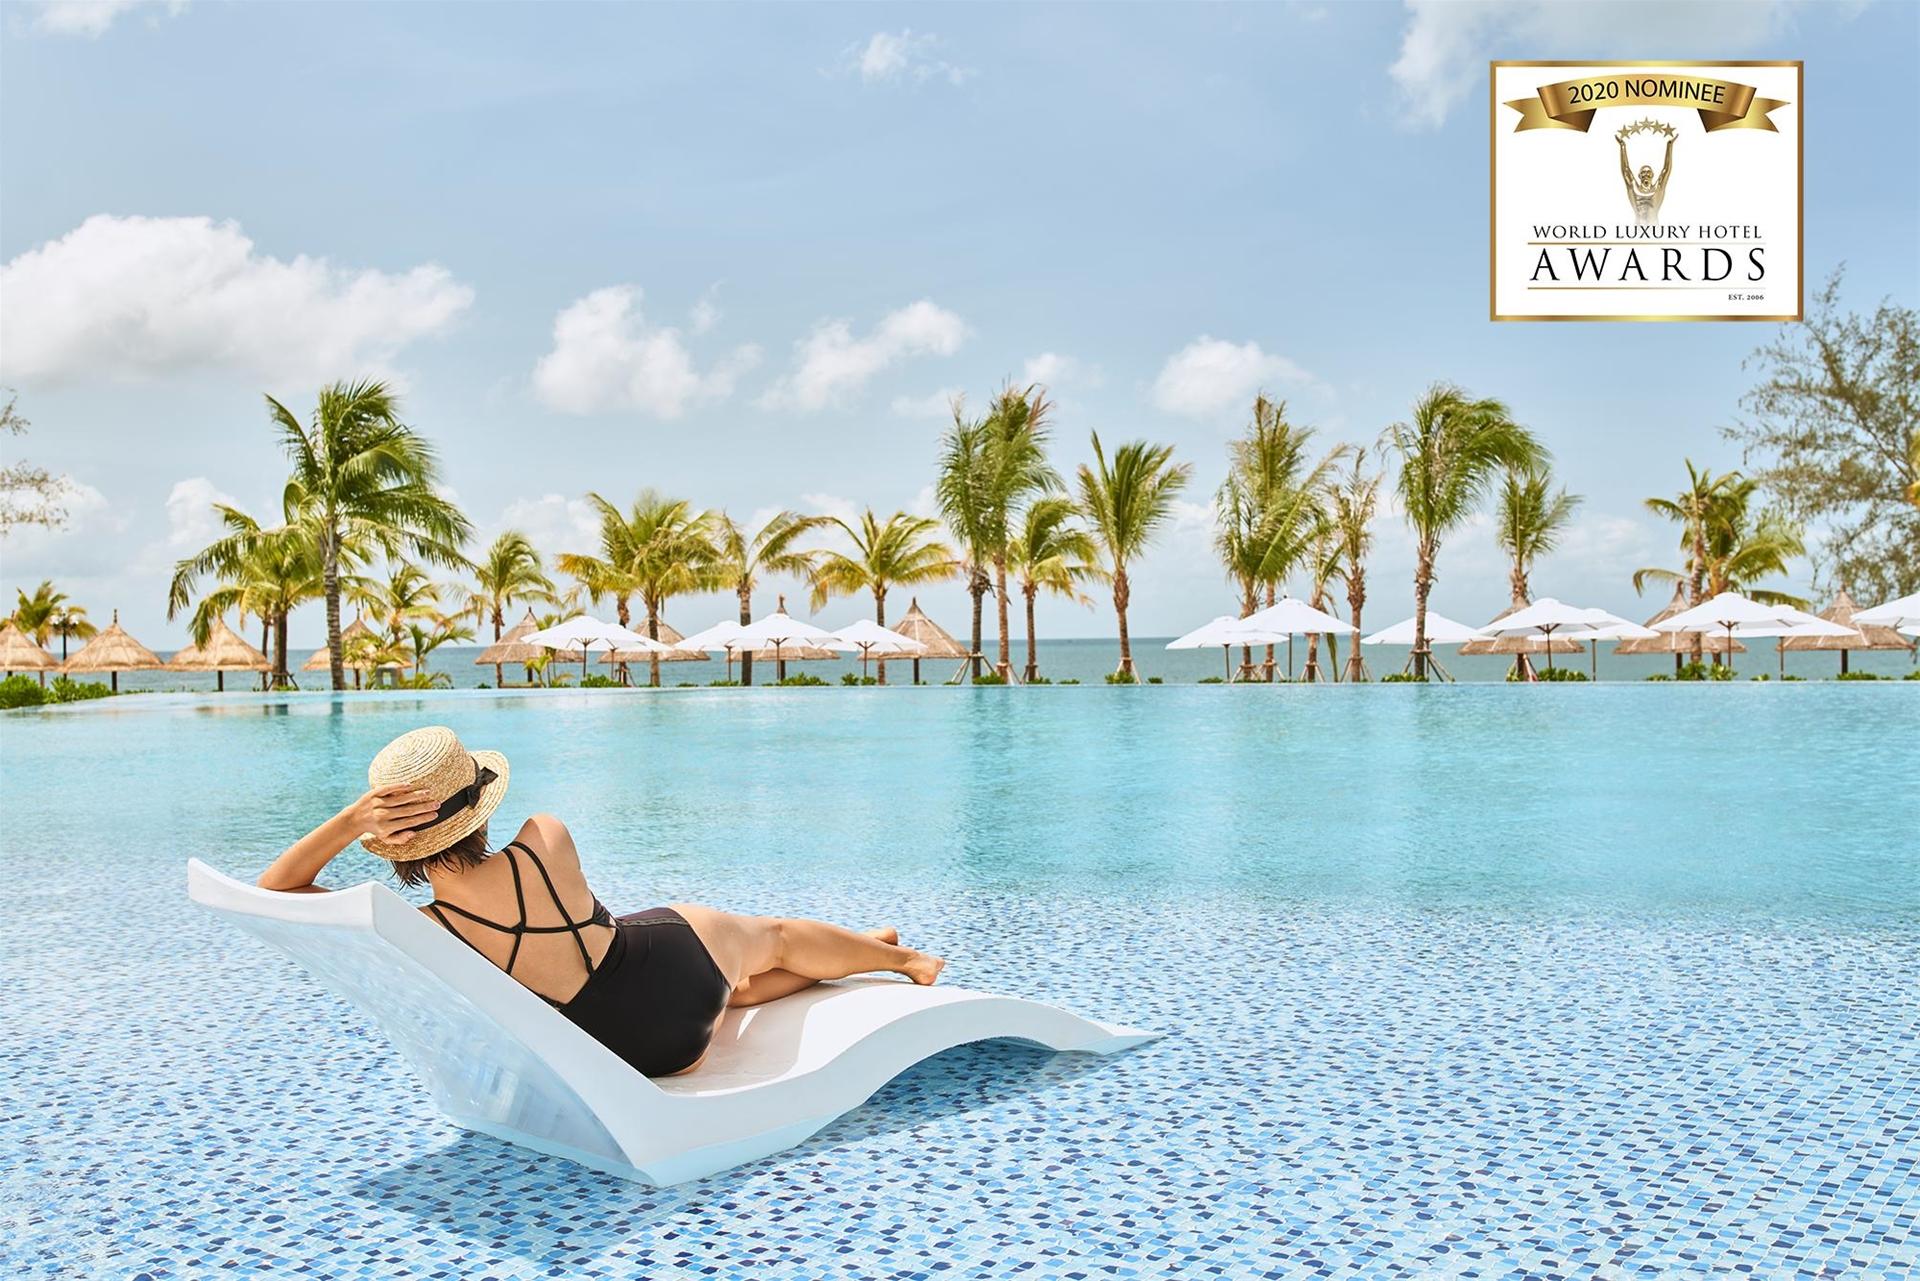 Mövenpick Resort Waverly Phú Quốc được đề cử 3 giải thưởng tại World Luxury Hotel Awards 2020